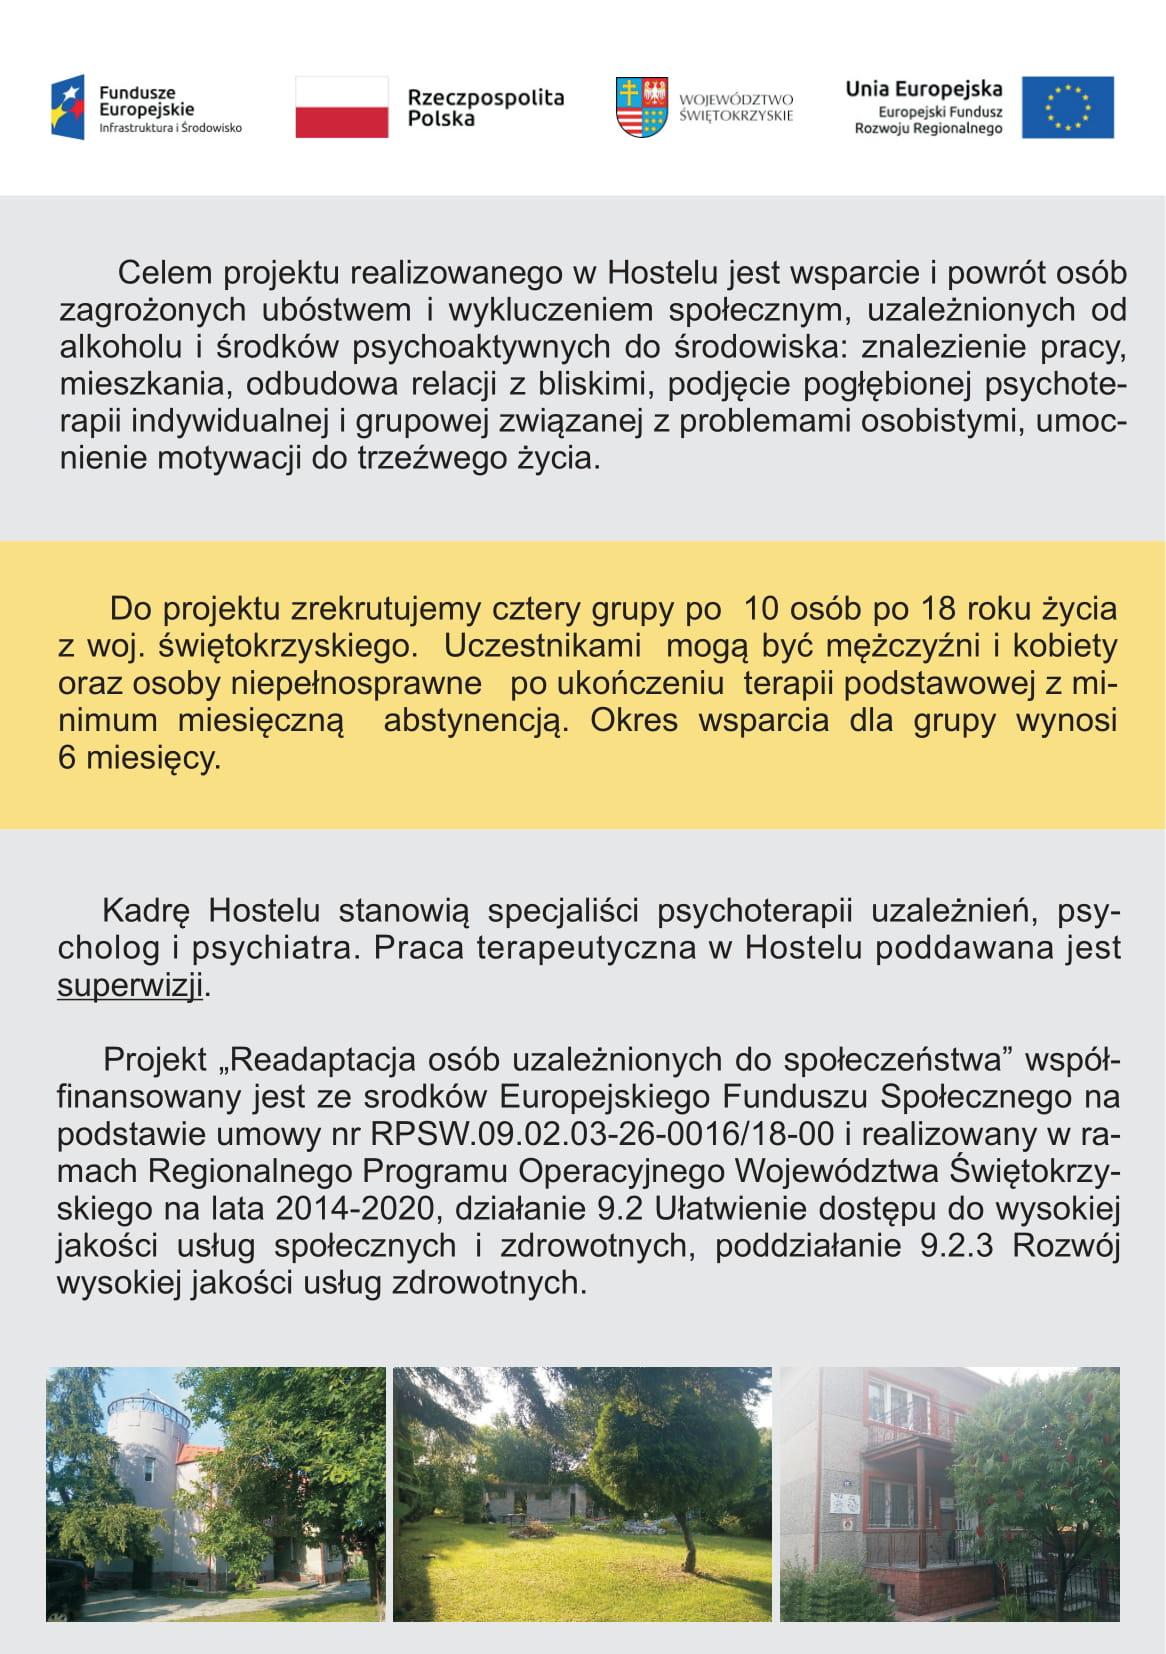 Ulotka strona druga programu: Readaptacja osób uzależnionych do społeczeństwa